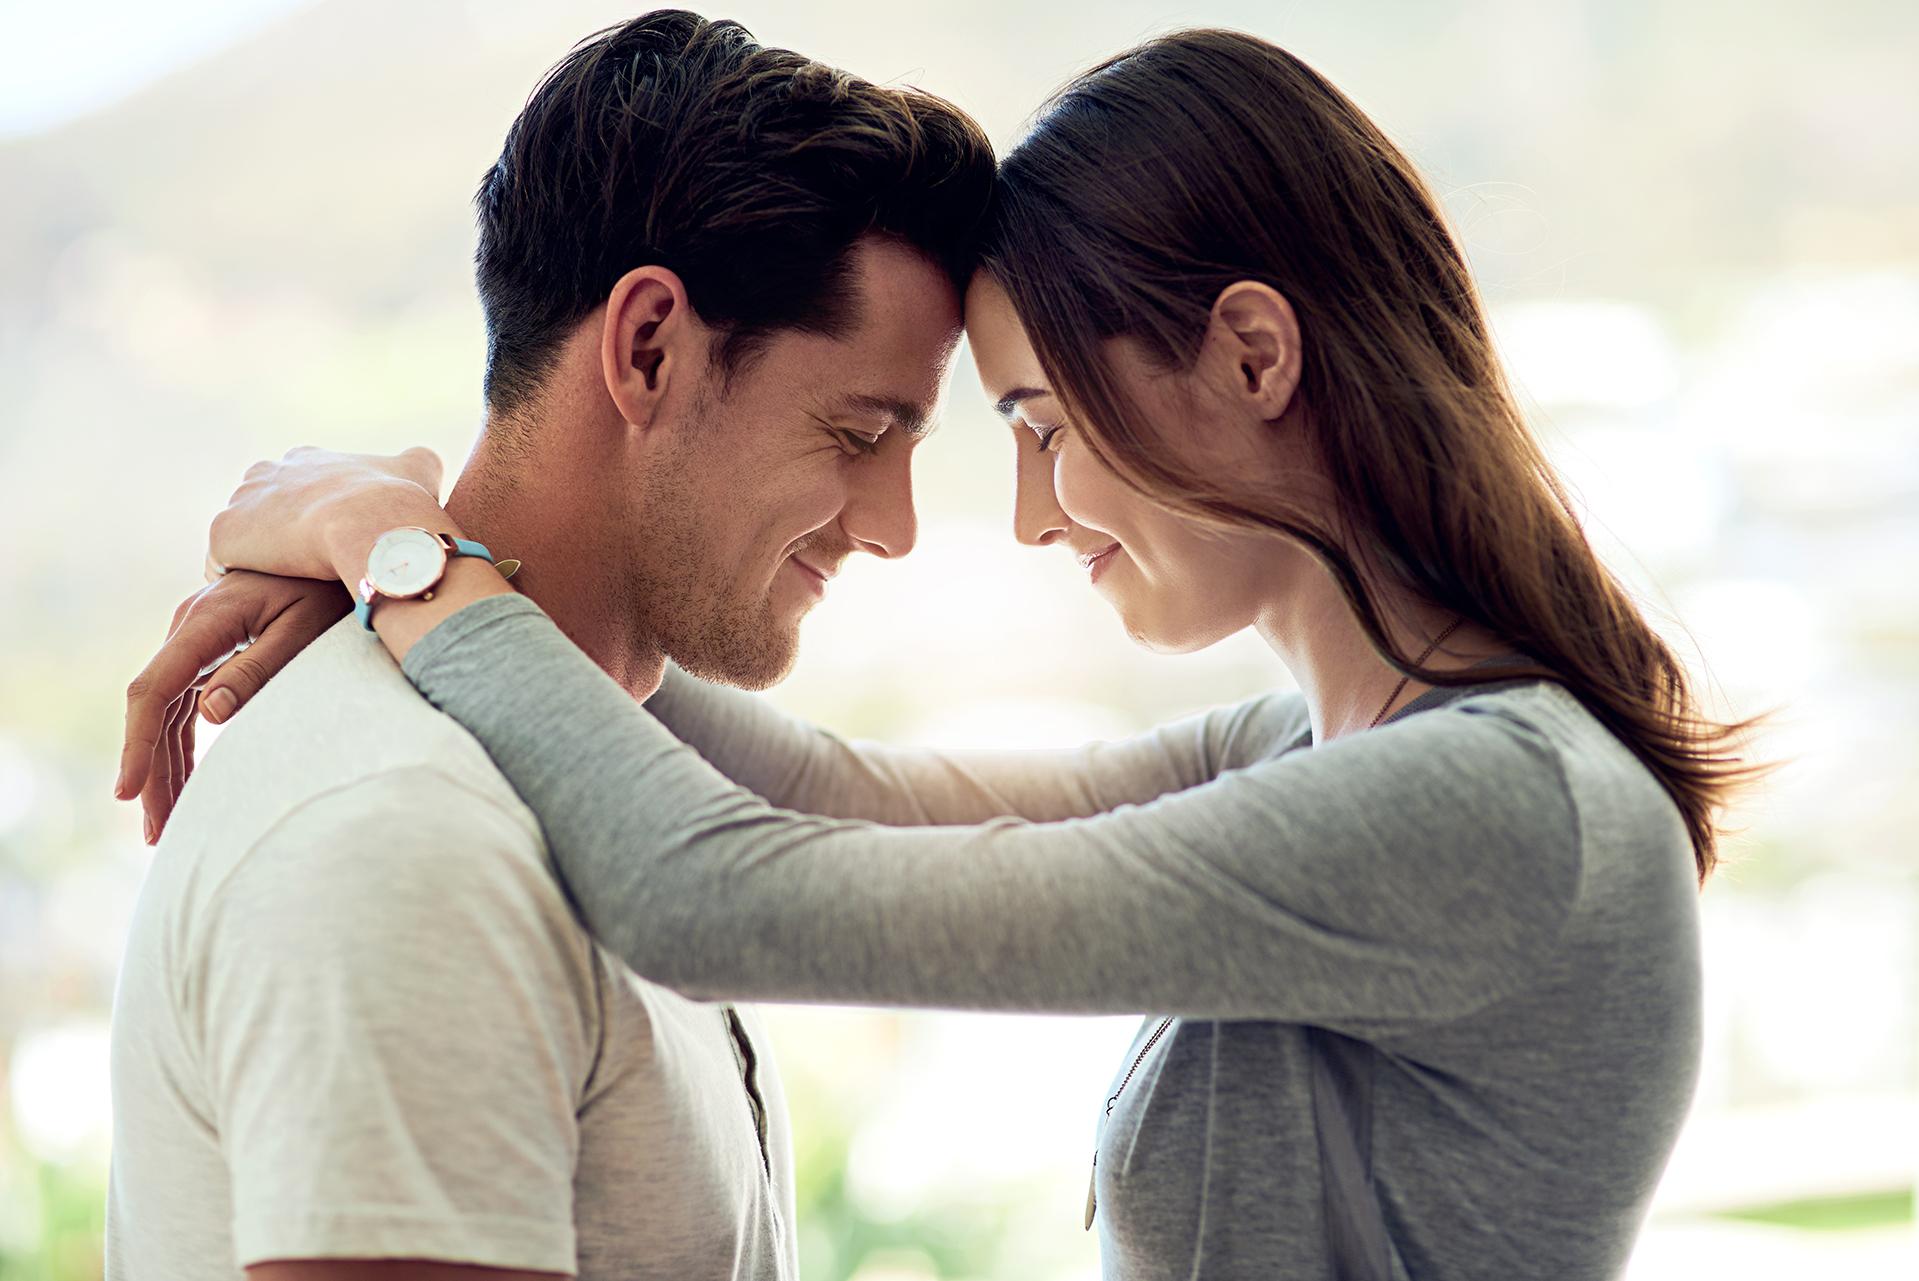 Christian dating Columbus Ohio gratis dating webbplatser gratis chatt